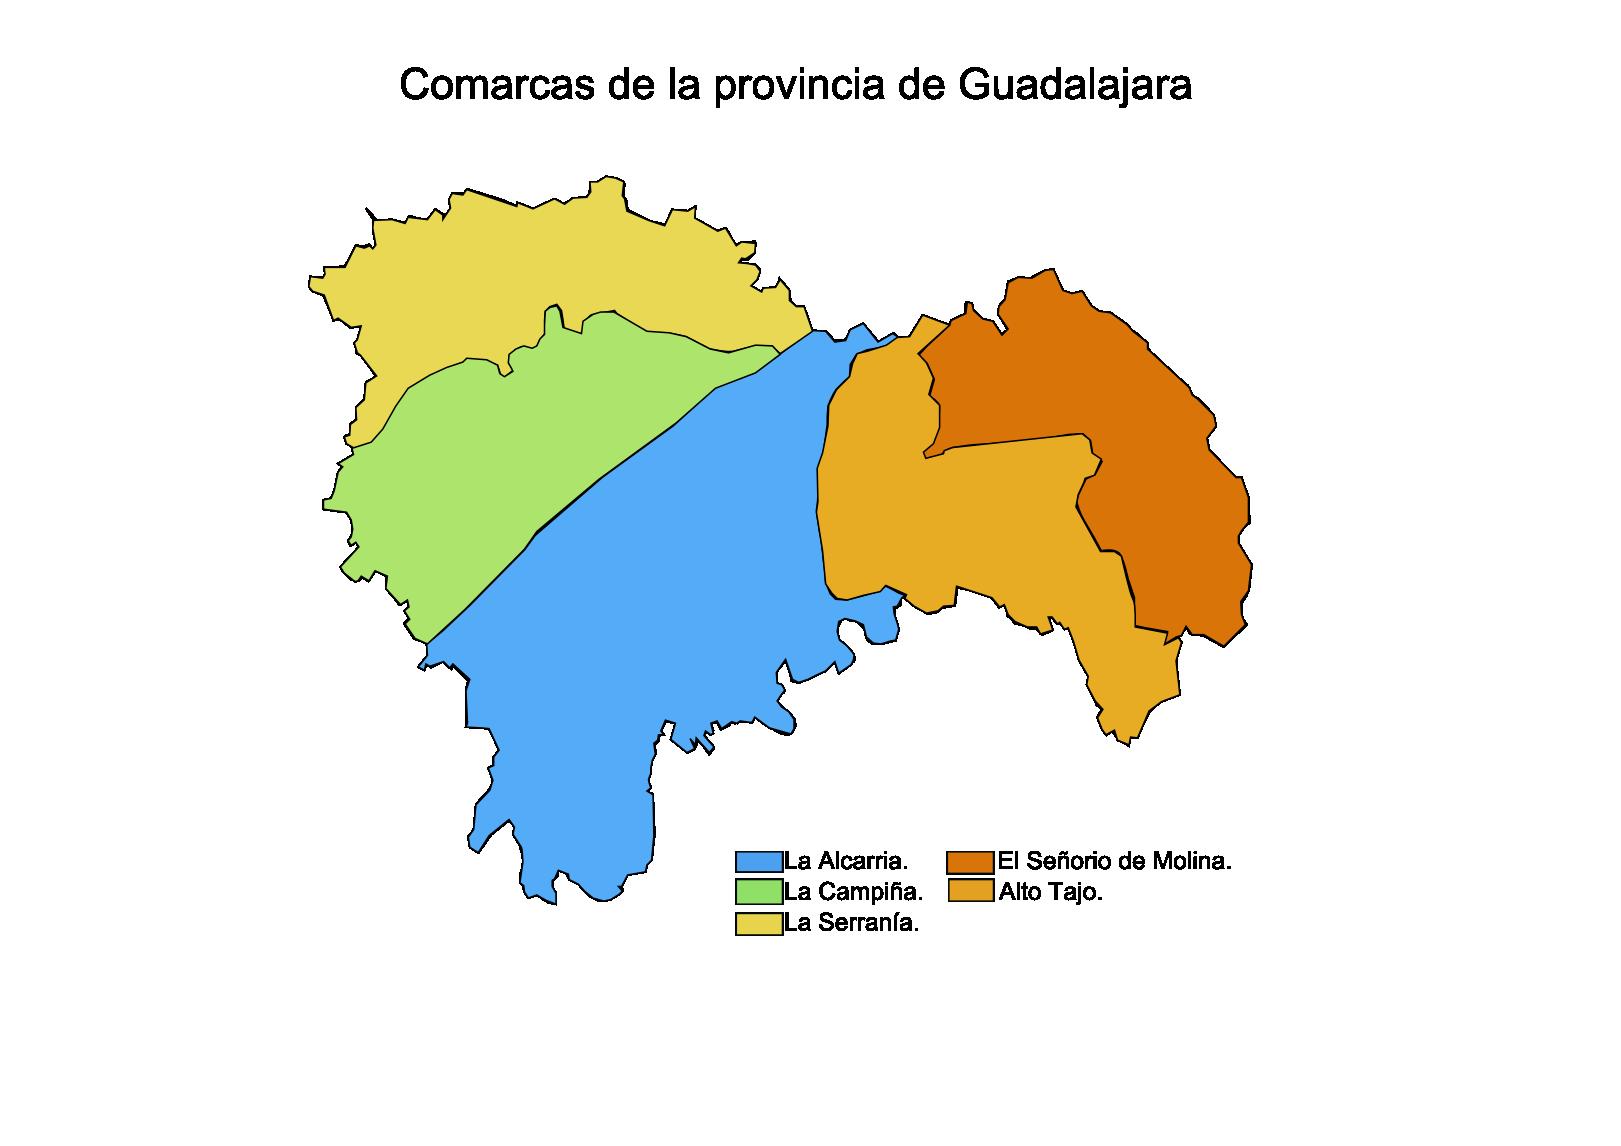 Comarcas de la Provincia de Guadalajara 2008